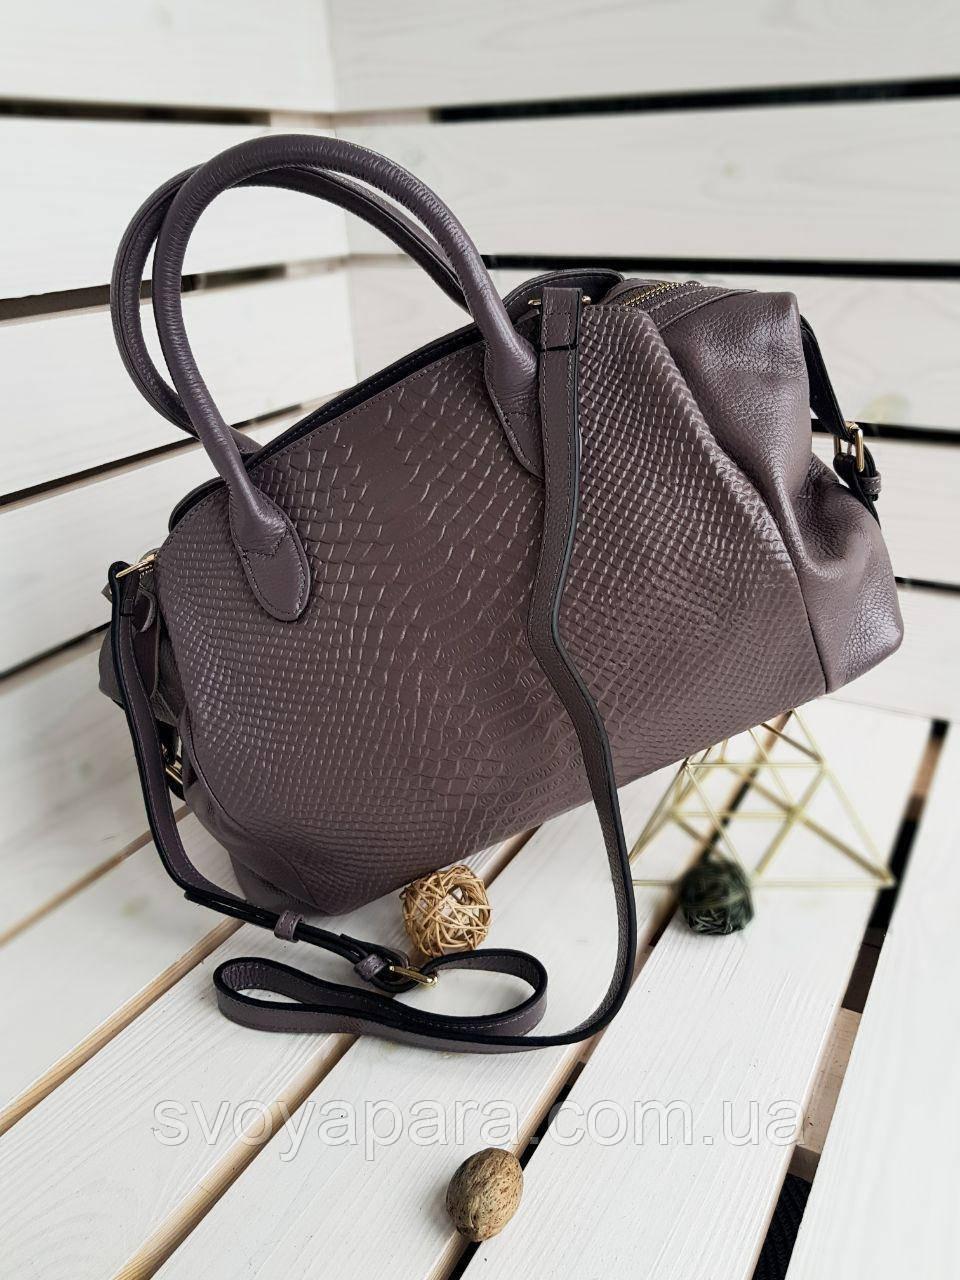 Кожаная женская сумка размером 40х25х16 см Серая (01129)